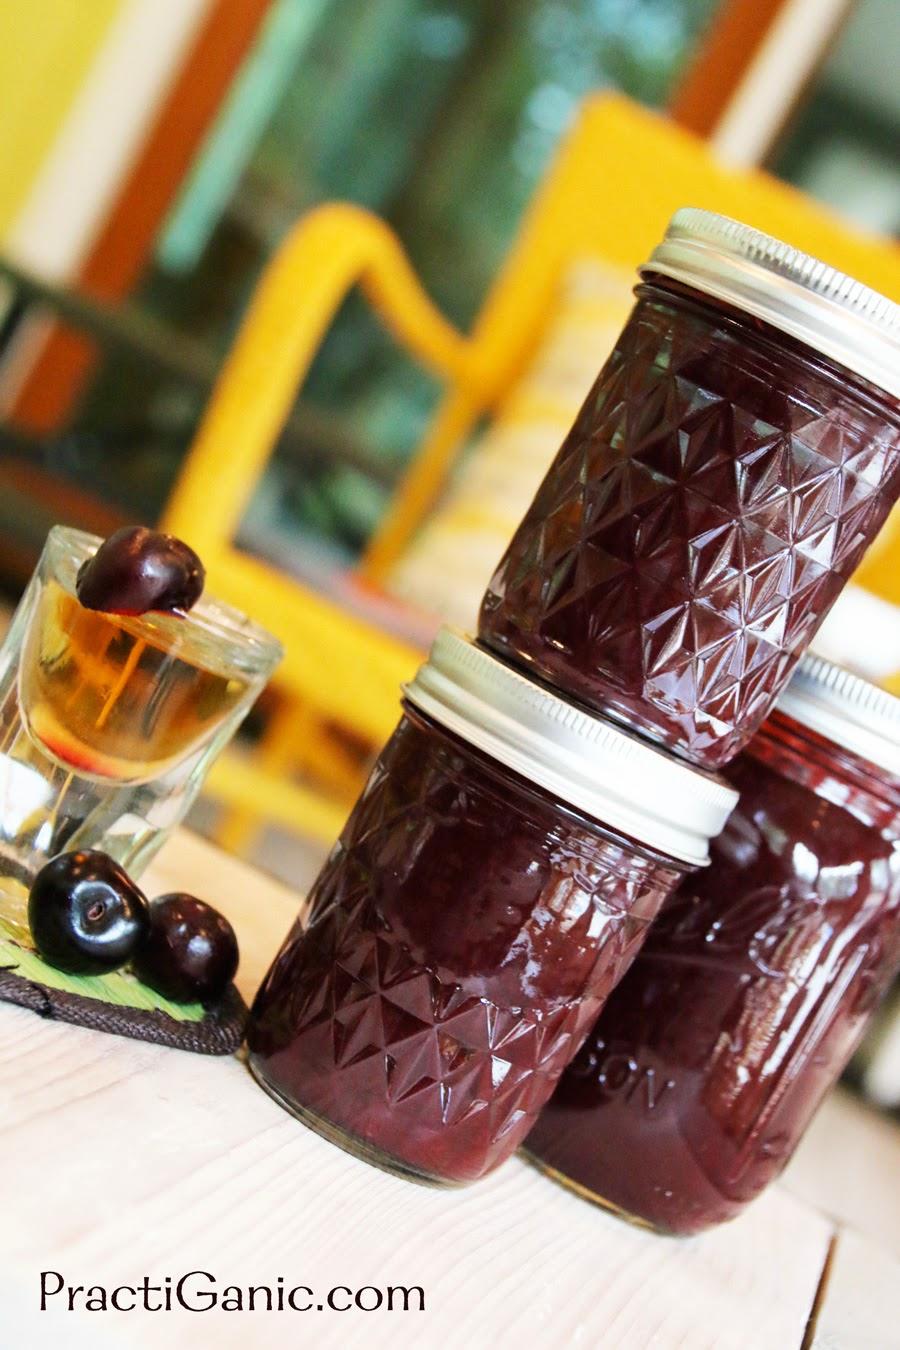 Cherry Ginger Brandy Jam